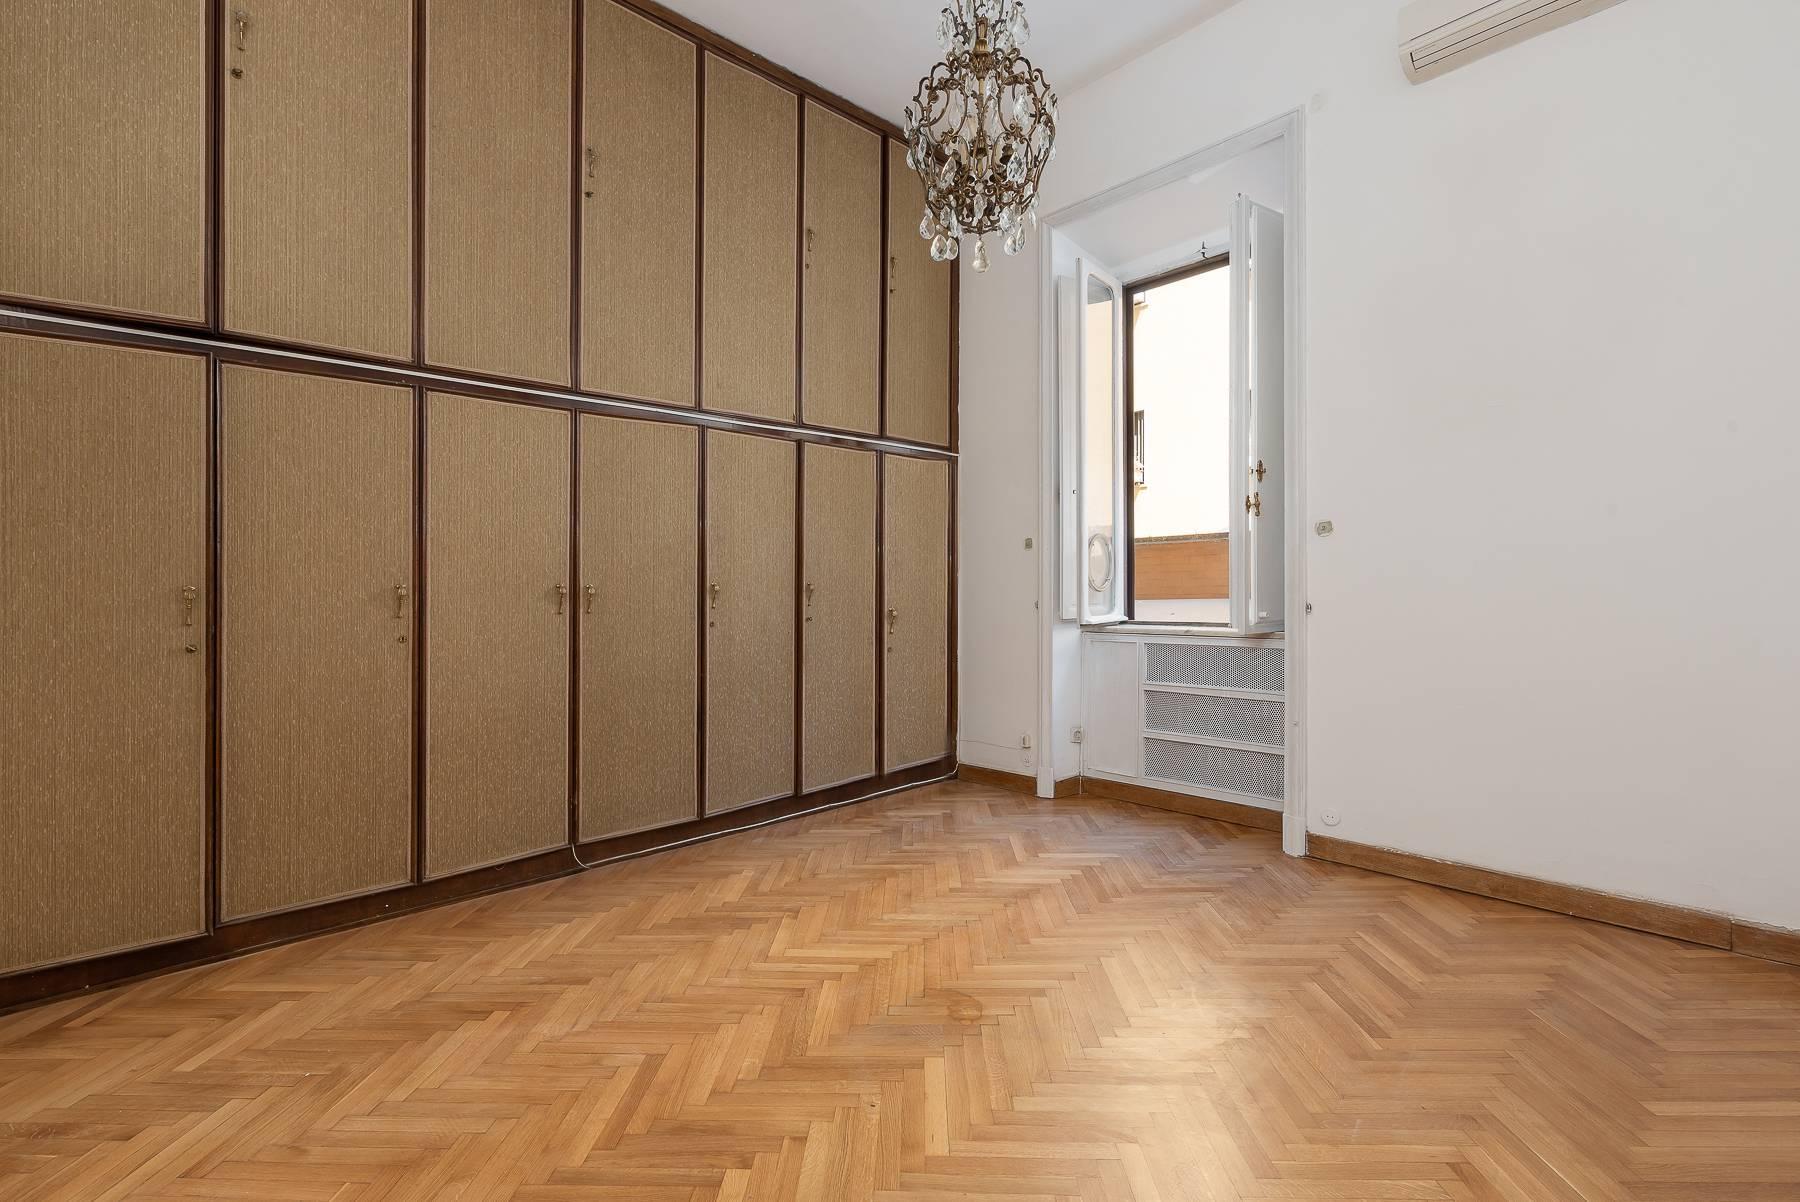 Elégant et spacieux appartement avec terrasse, jardin et garage. - 12